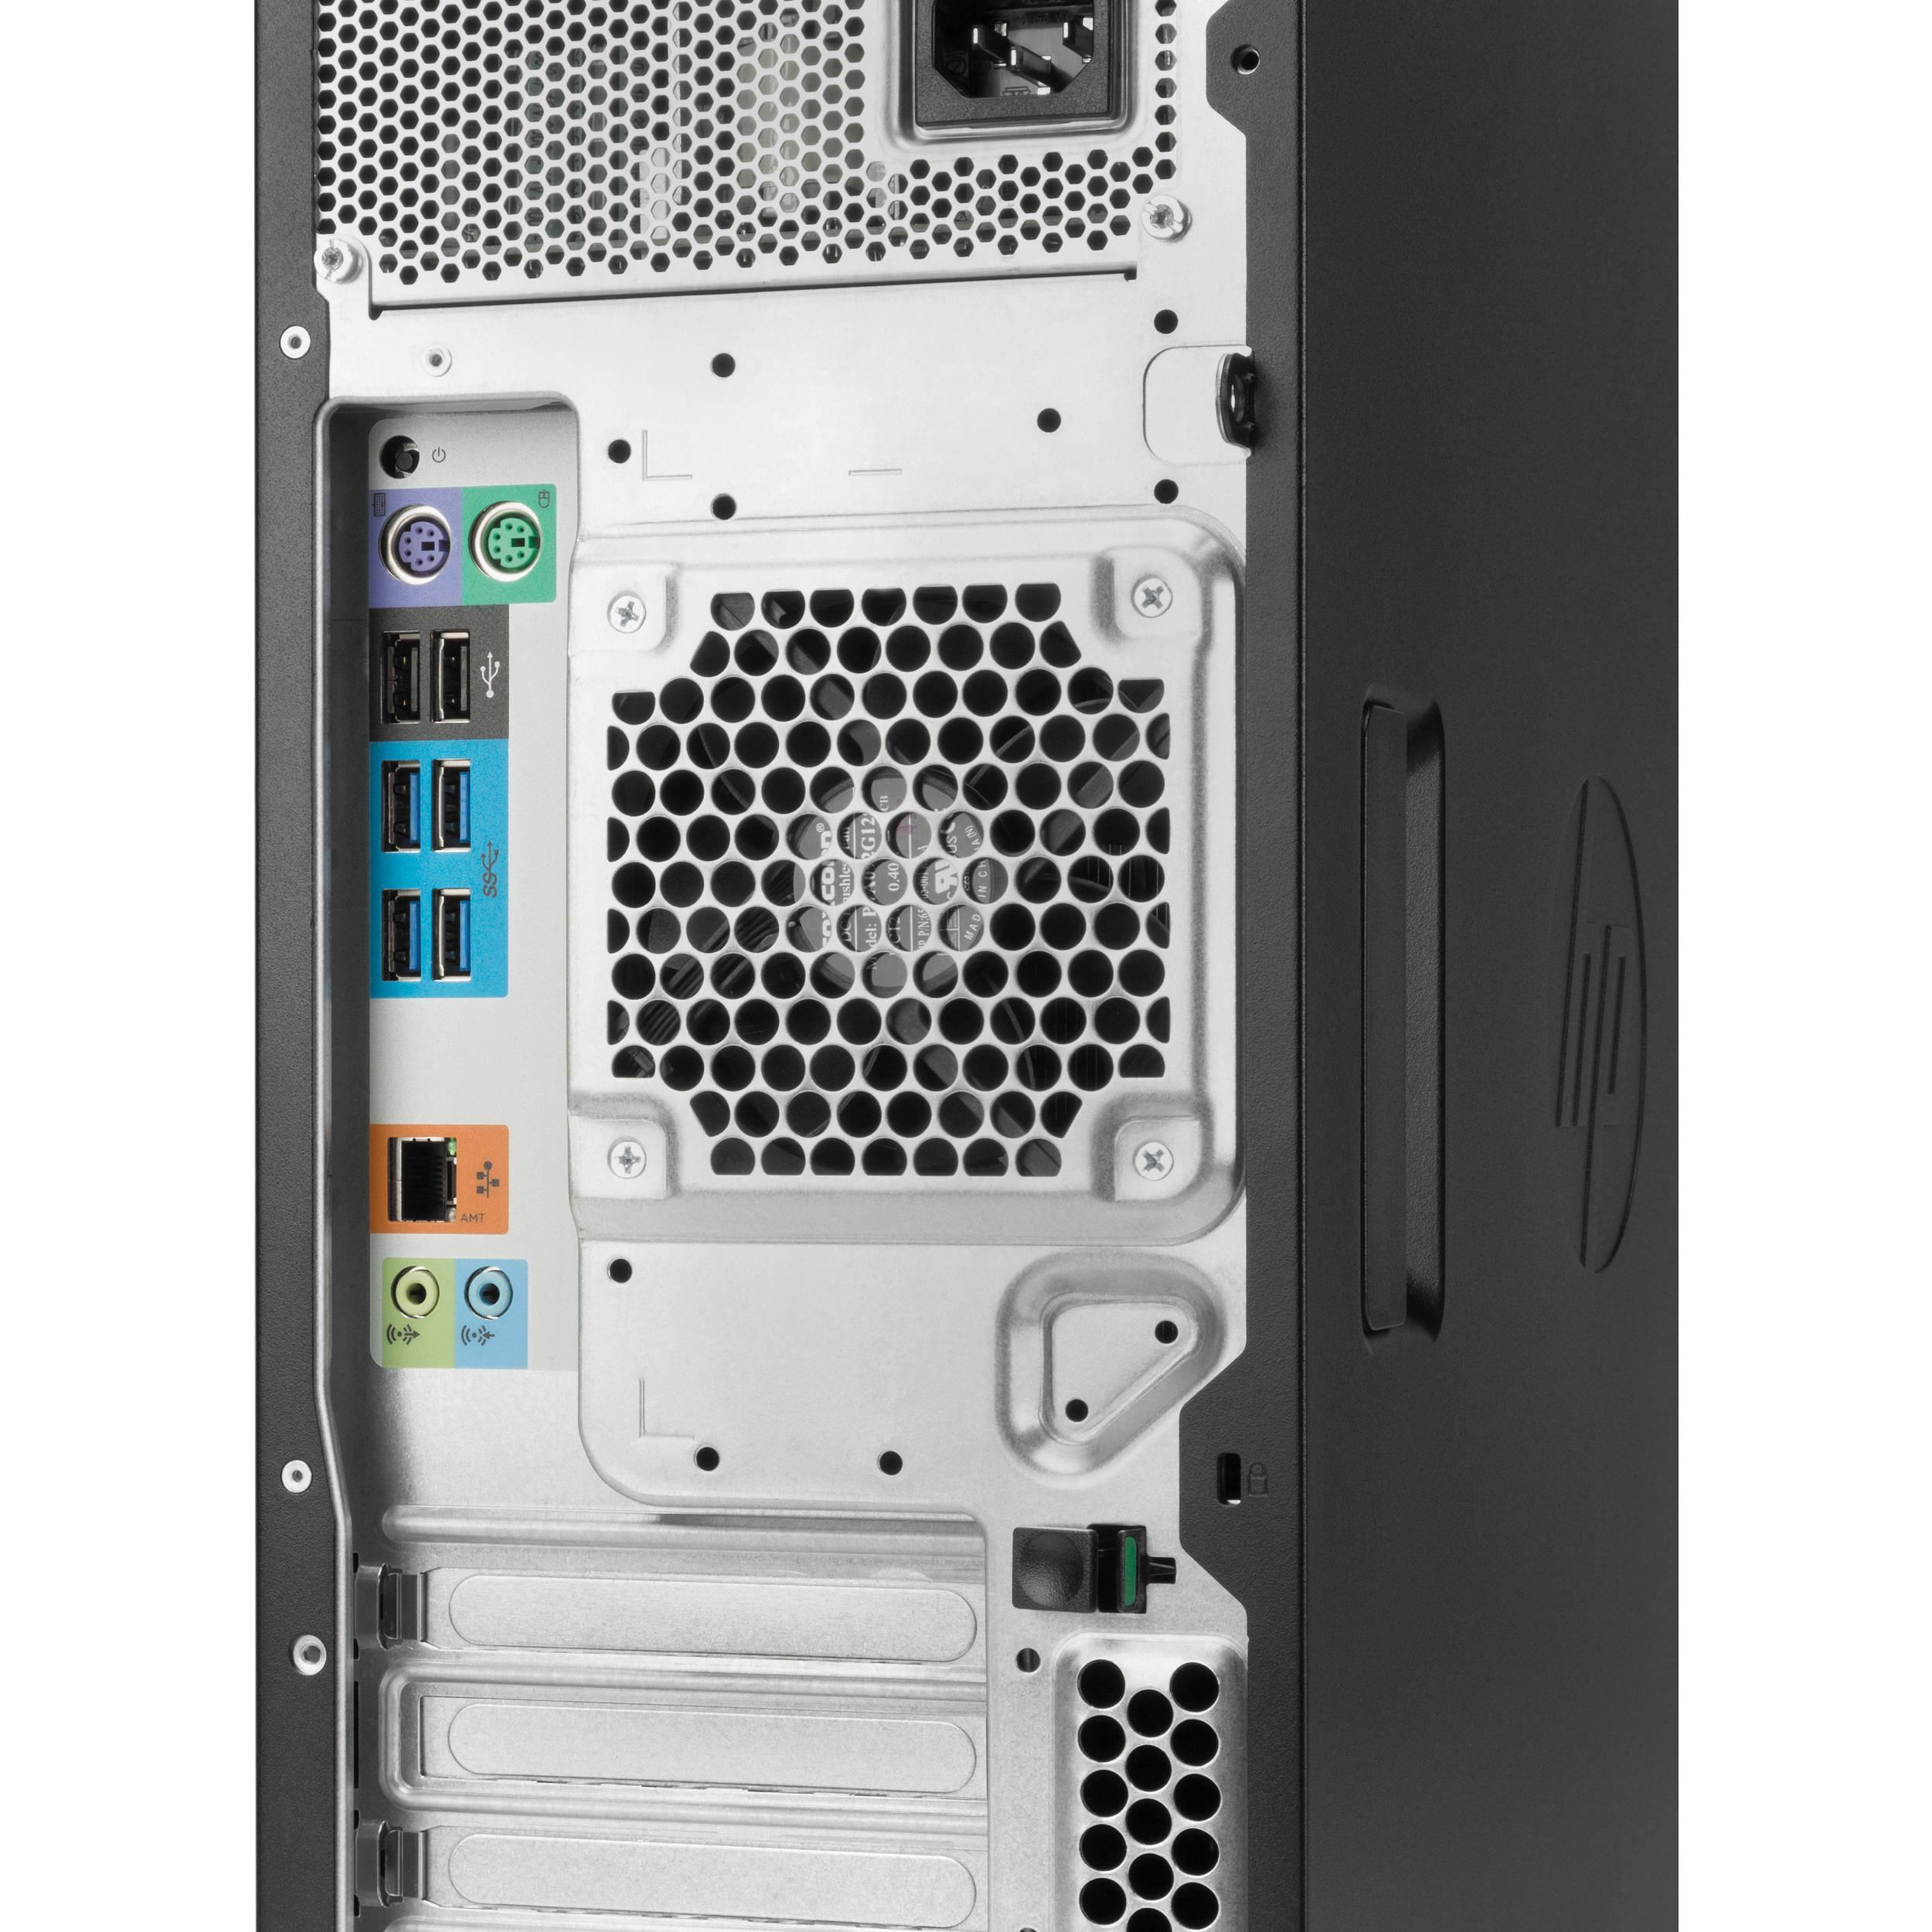 HP Z440 Series F1L11 Minitower Workstation